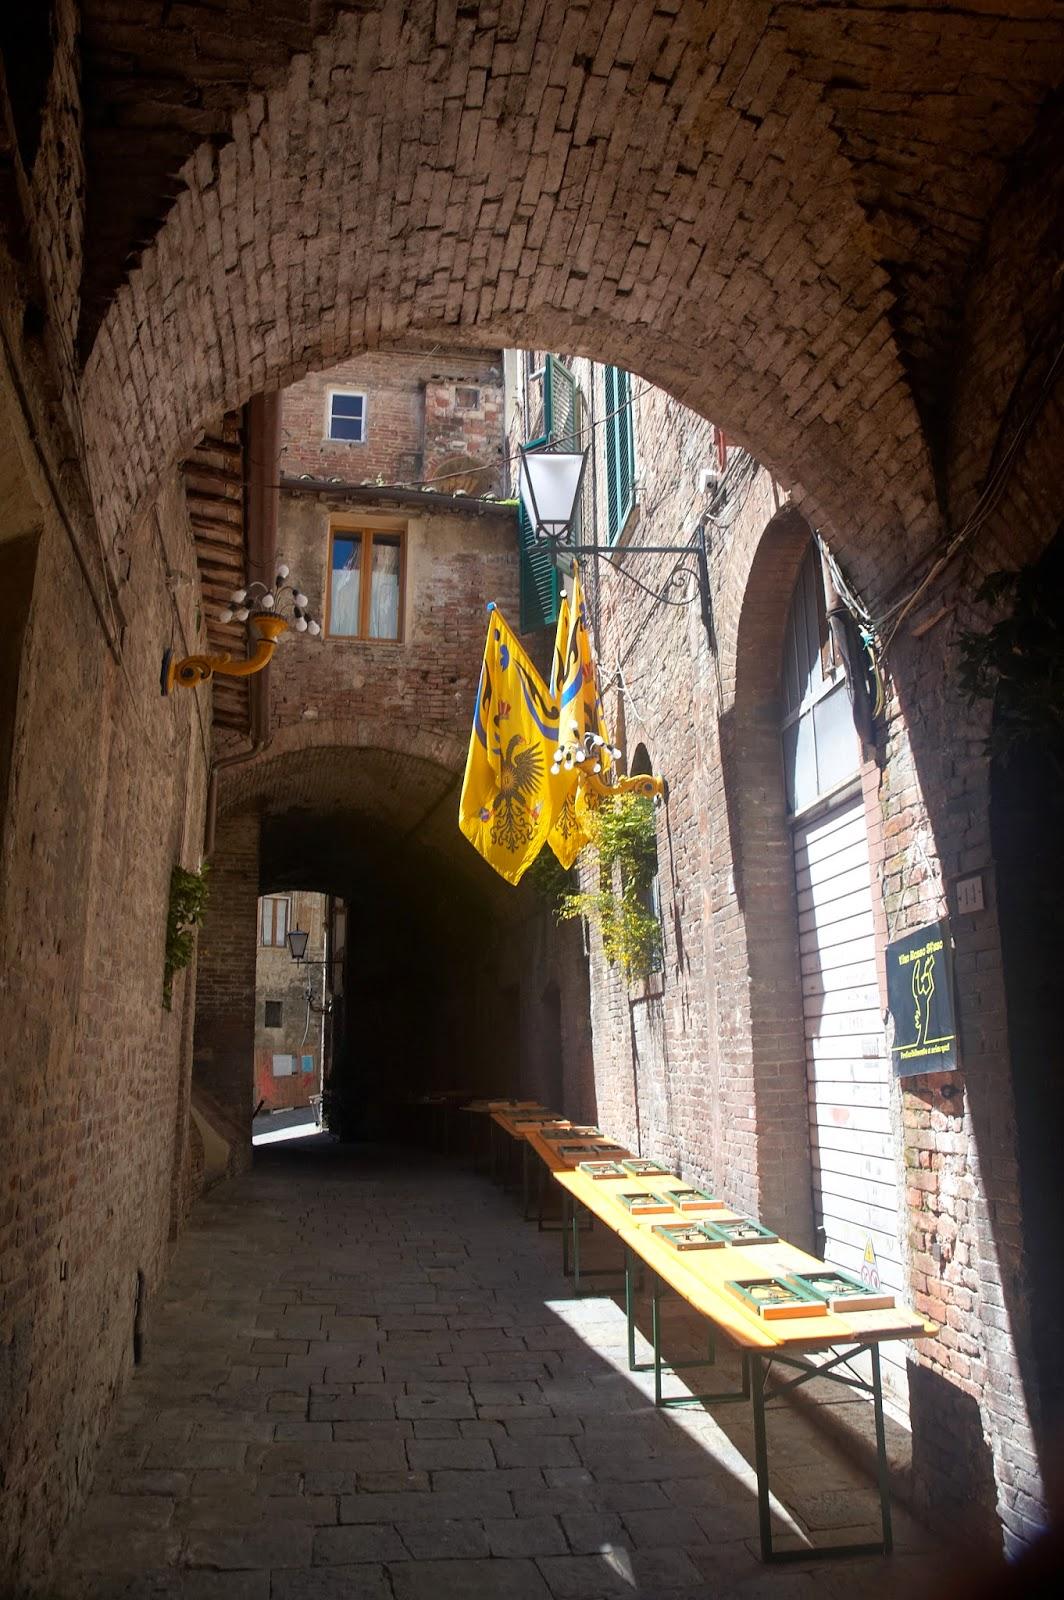 dzielnice w mieście Siena